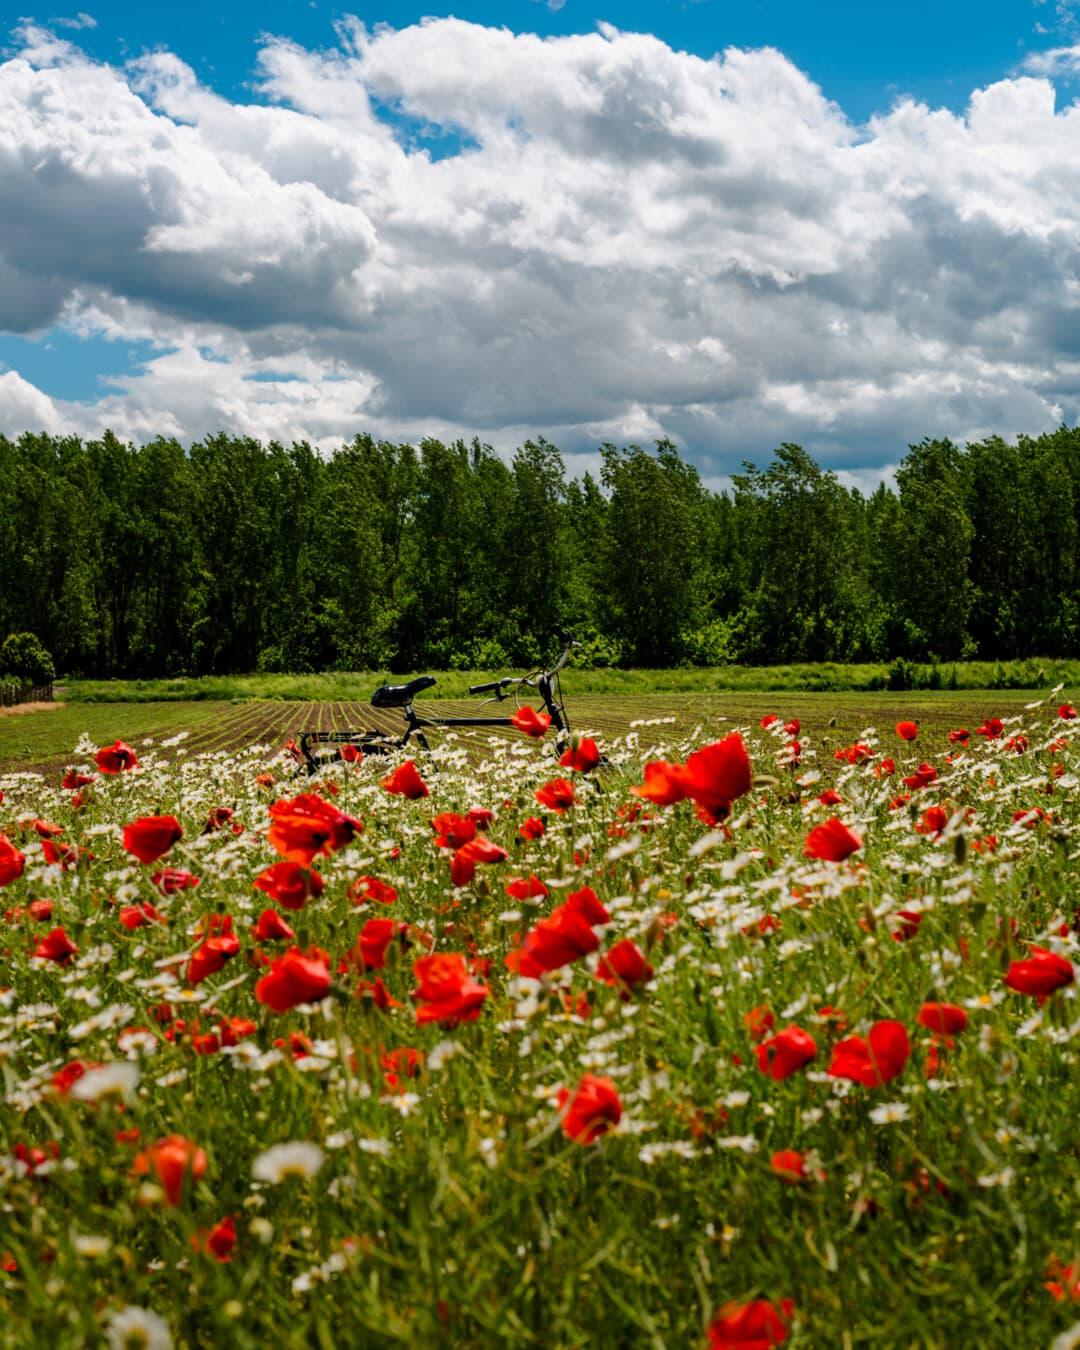 Mohn, Blumen, Fahrrad, Landwirtschaft, Feld, Sommer, Blume, Anlage, Natur, Wiese